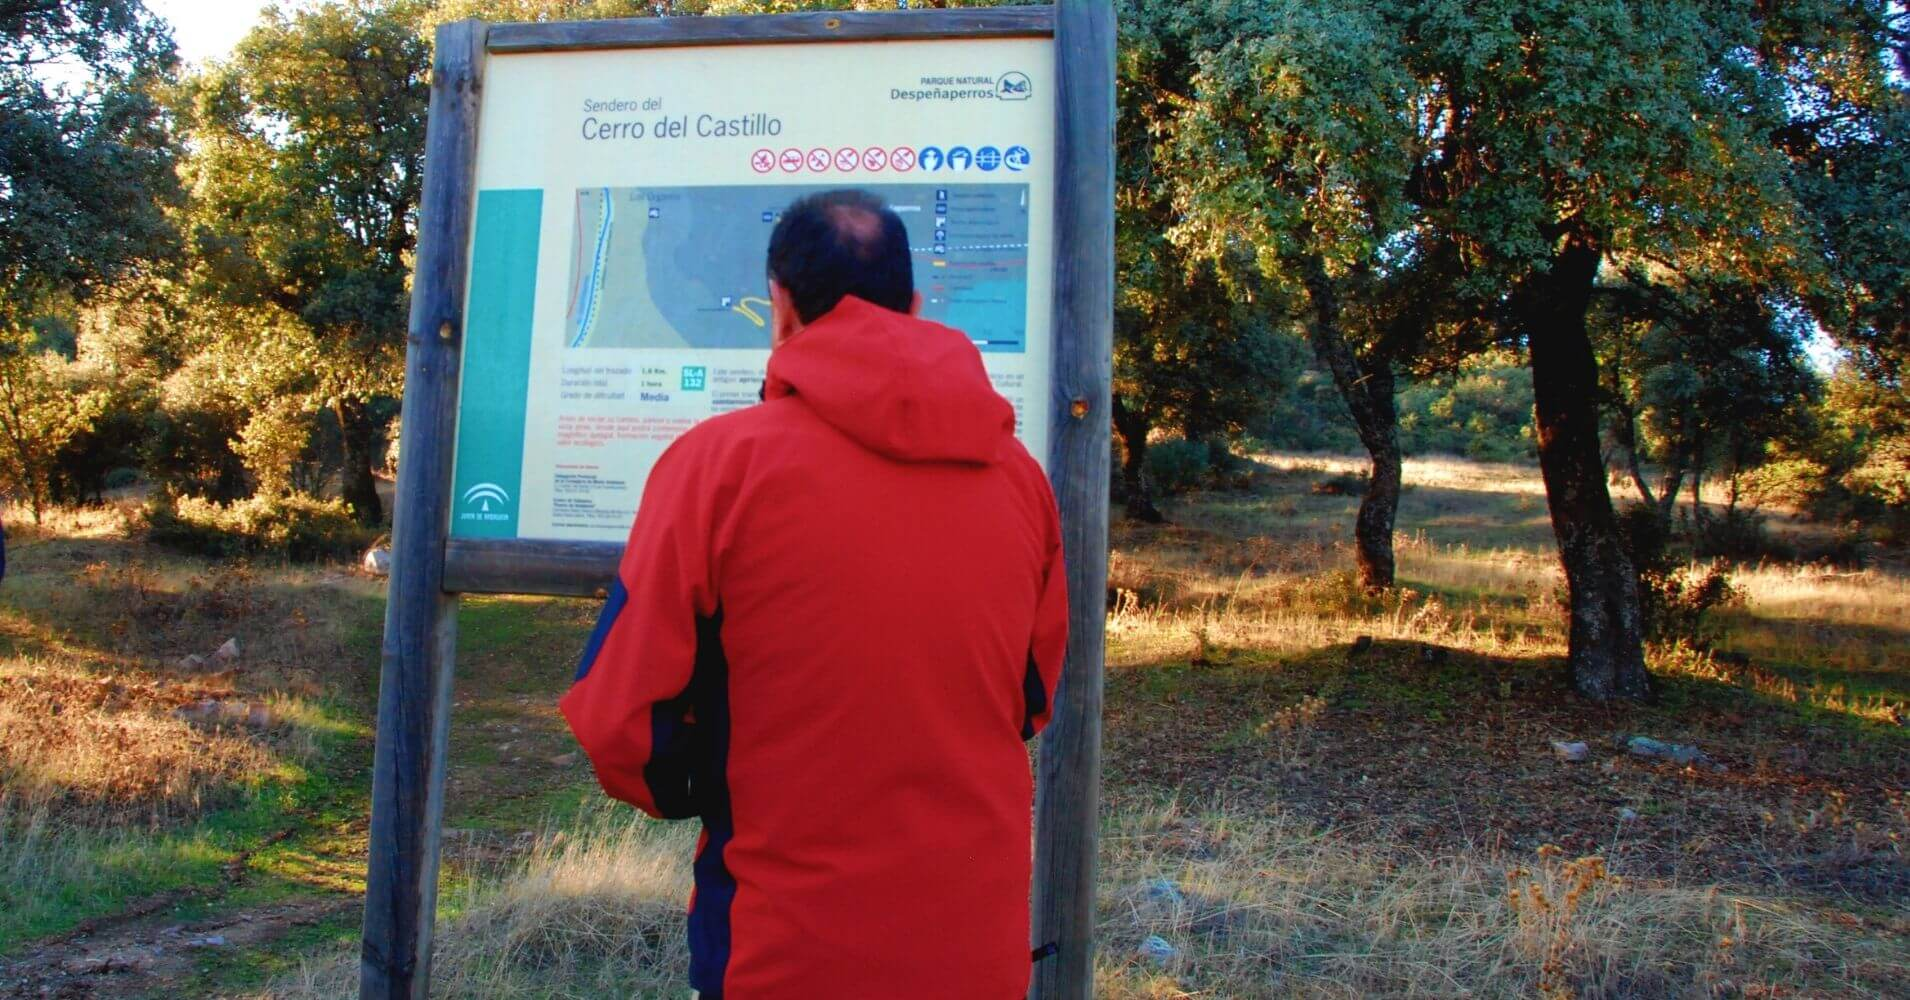 Cerro del Castillo. Parque Natural de Despeñaperros. Jaén, Andalucía.